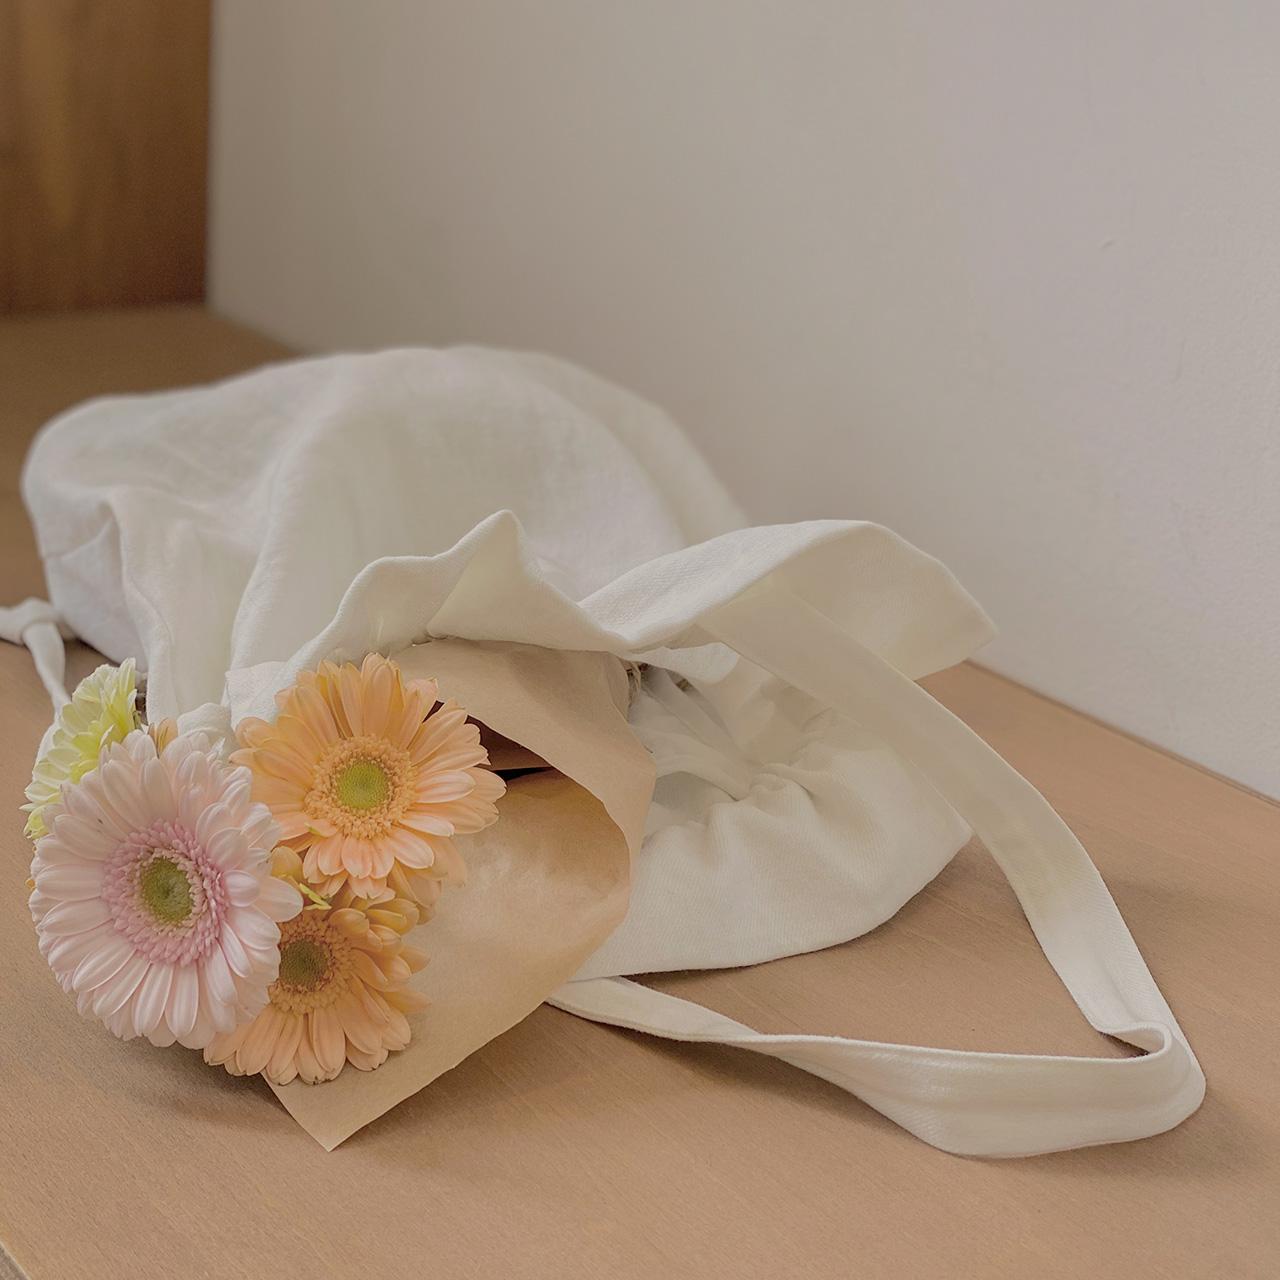 小清新系带环保袋